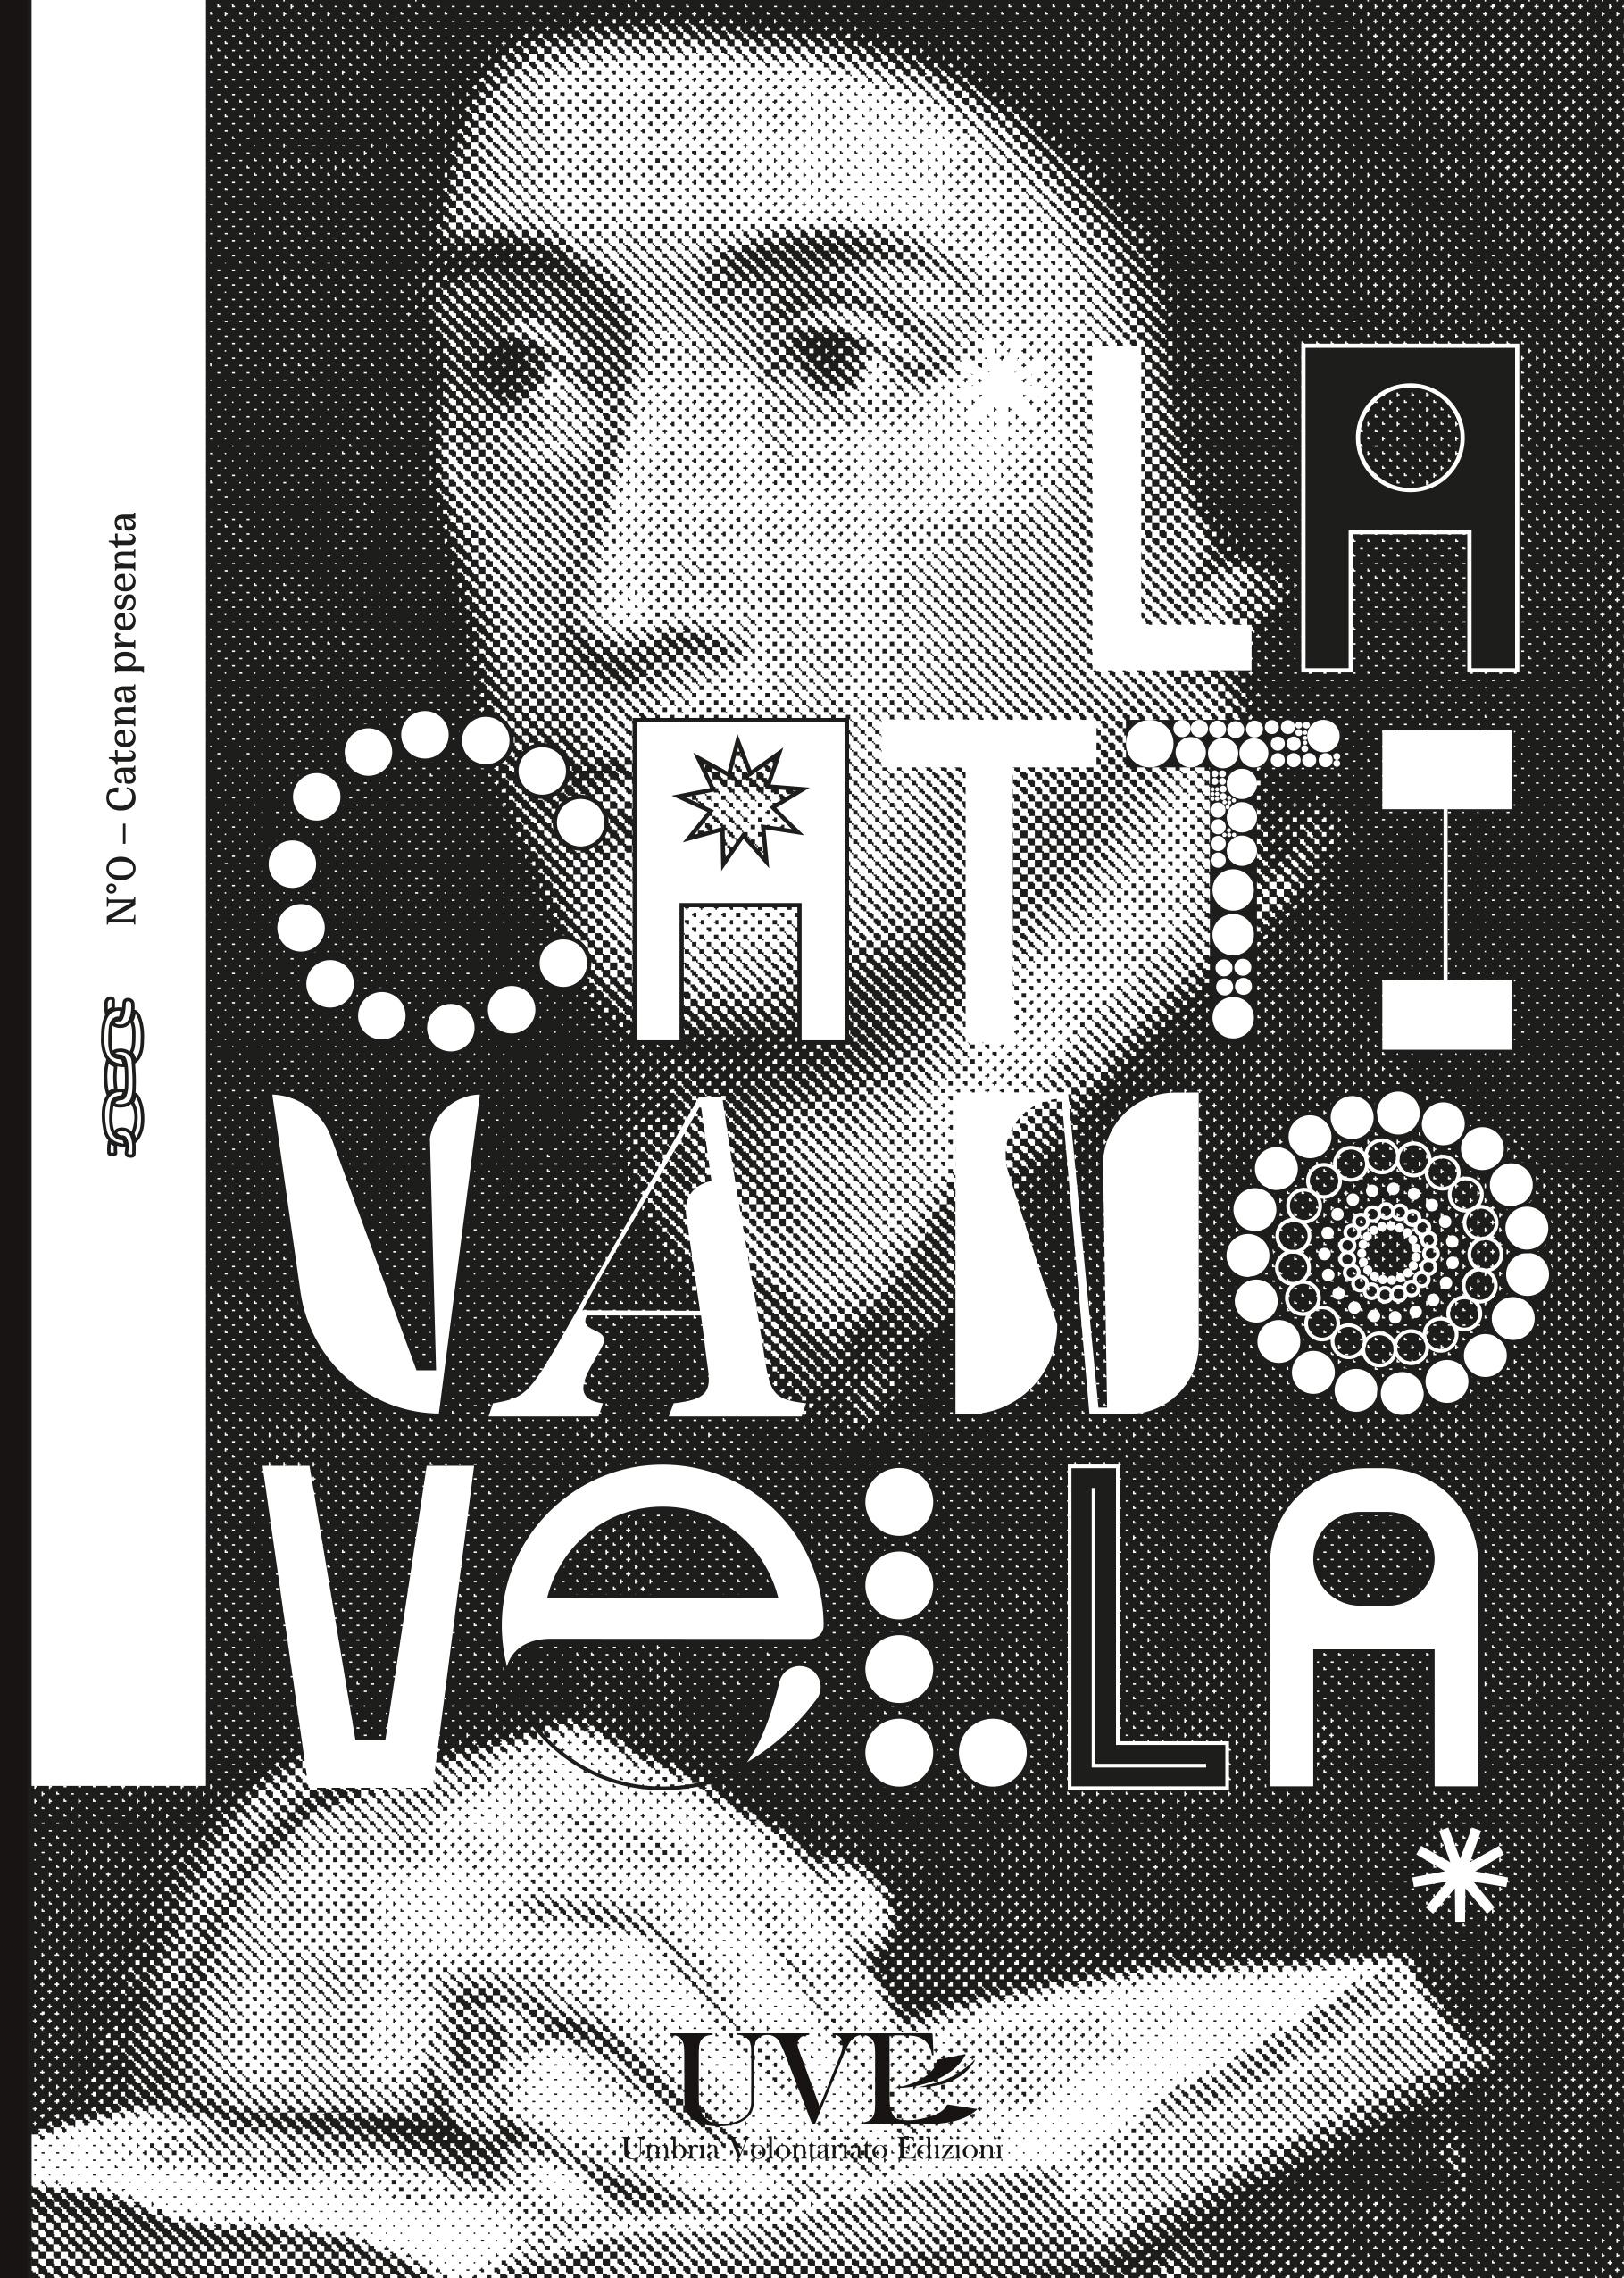 Open call per scrittori e poeti: La collana La Cattiva Novella del Cesvol cerca racconti e poesie di autori esordienti